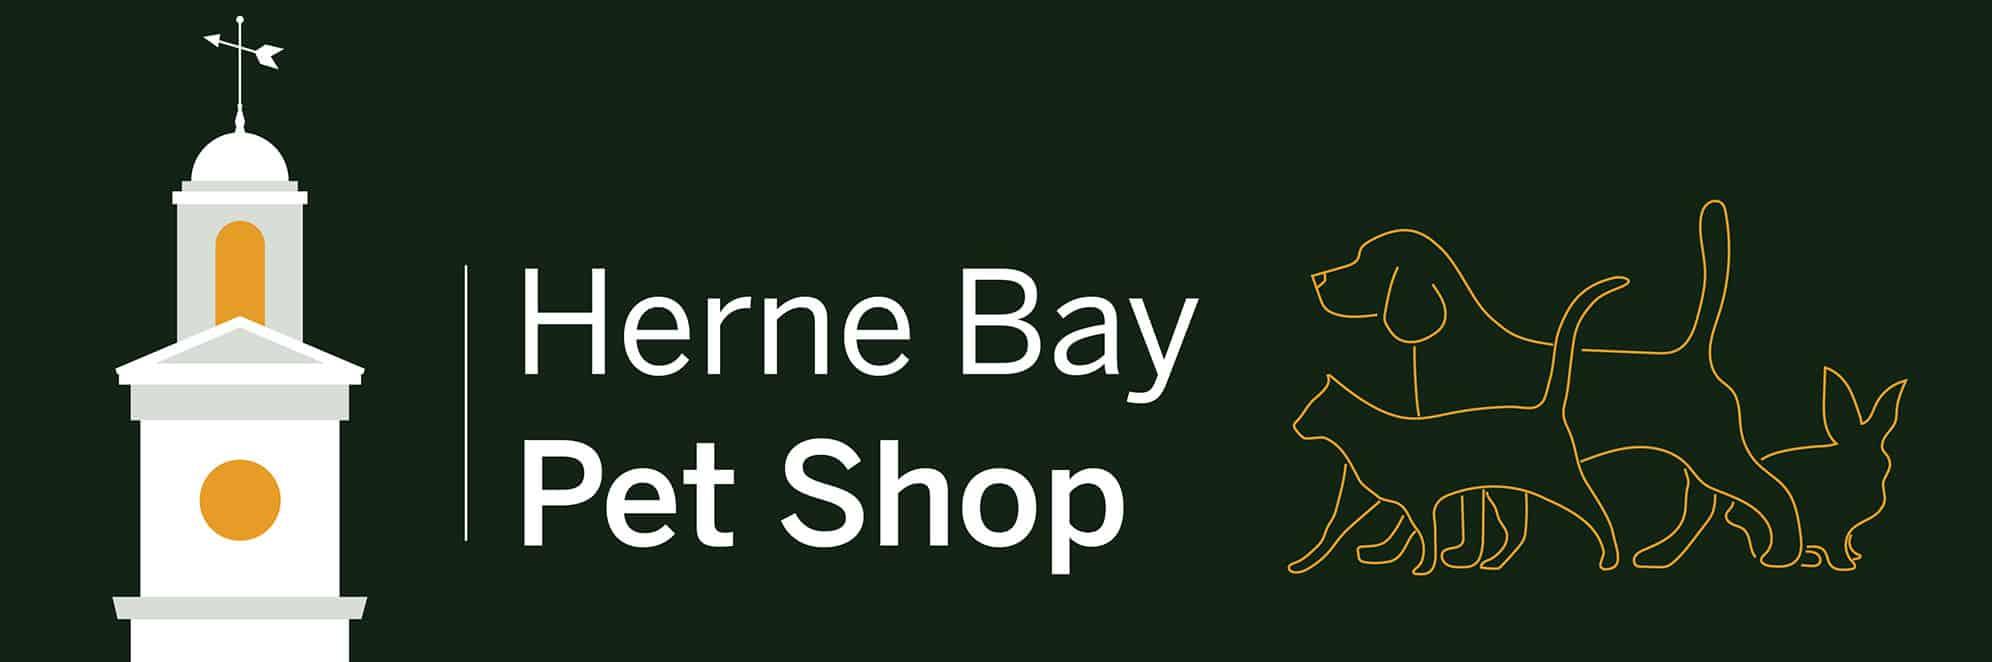 Herne Bay Pet Shop